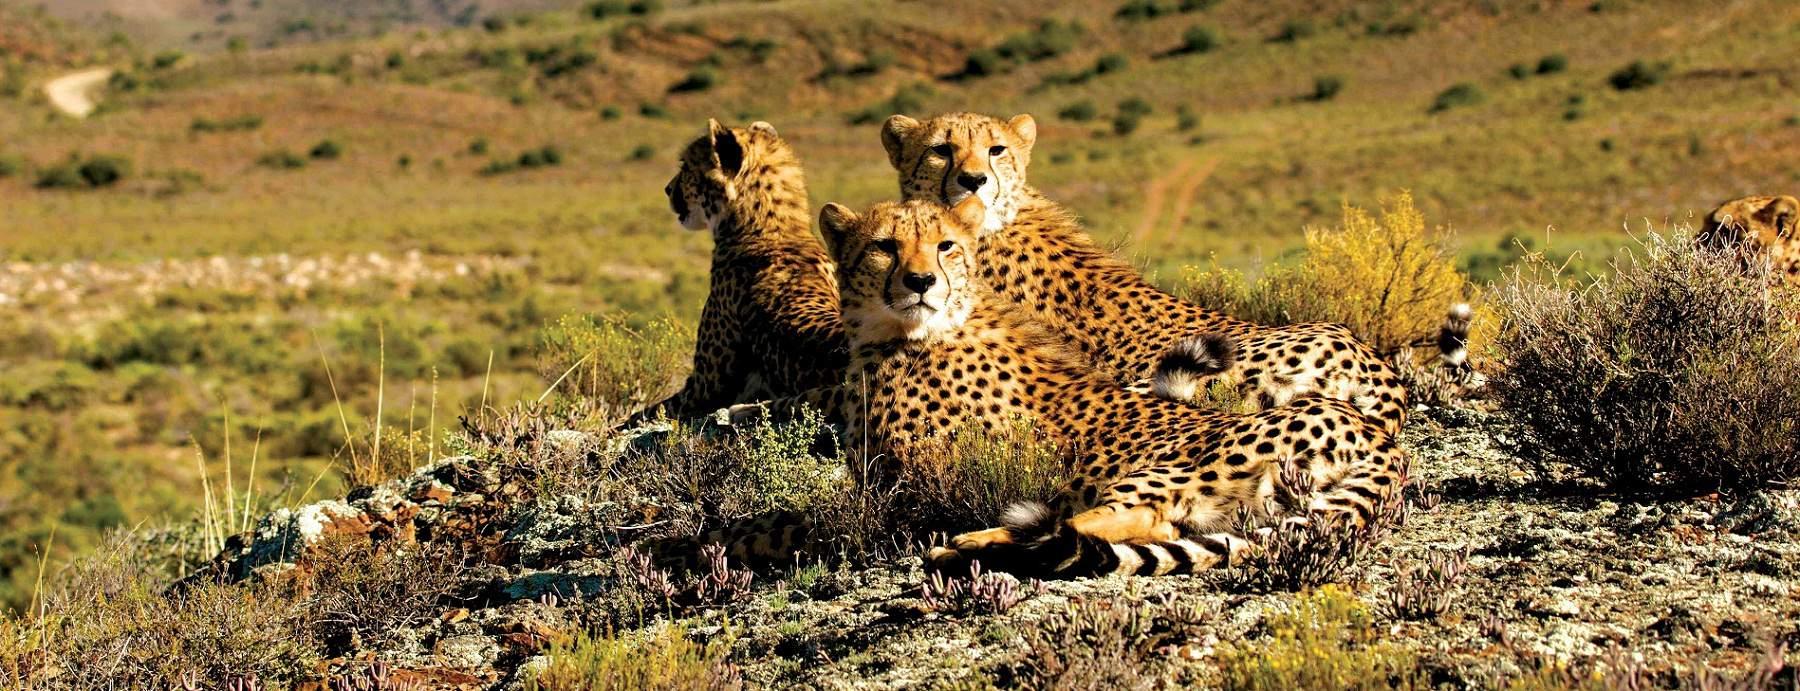 cheetah_sanbona